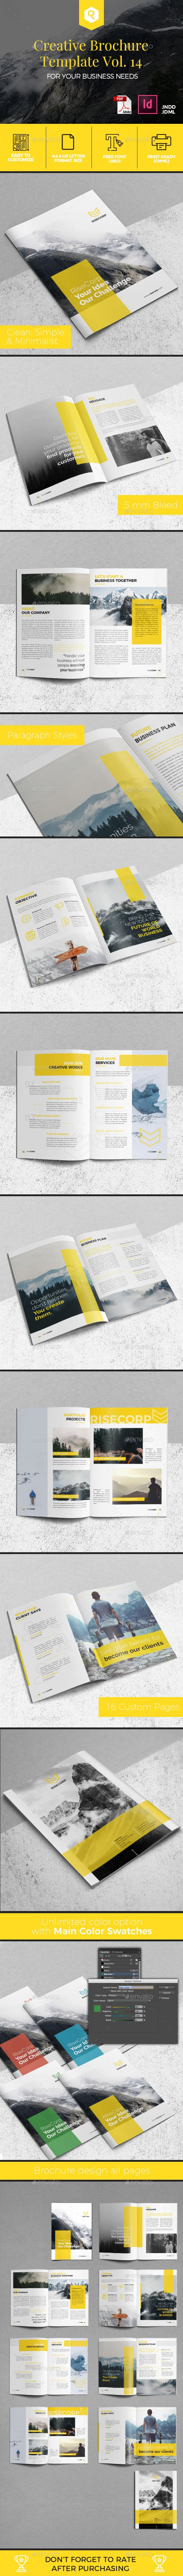 Creative Brochure Template Vol. 14 - #Corporate #Brochures Download here: https://graphicriver.net/item/creative-brochure-template-vol-14/19979736?ref=alena994